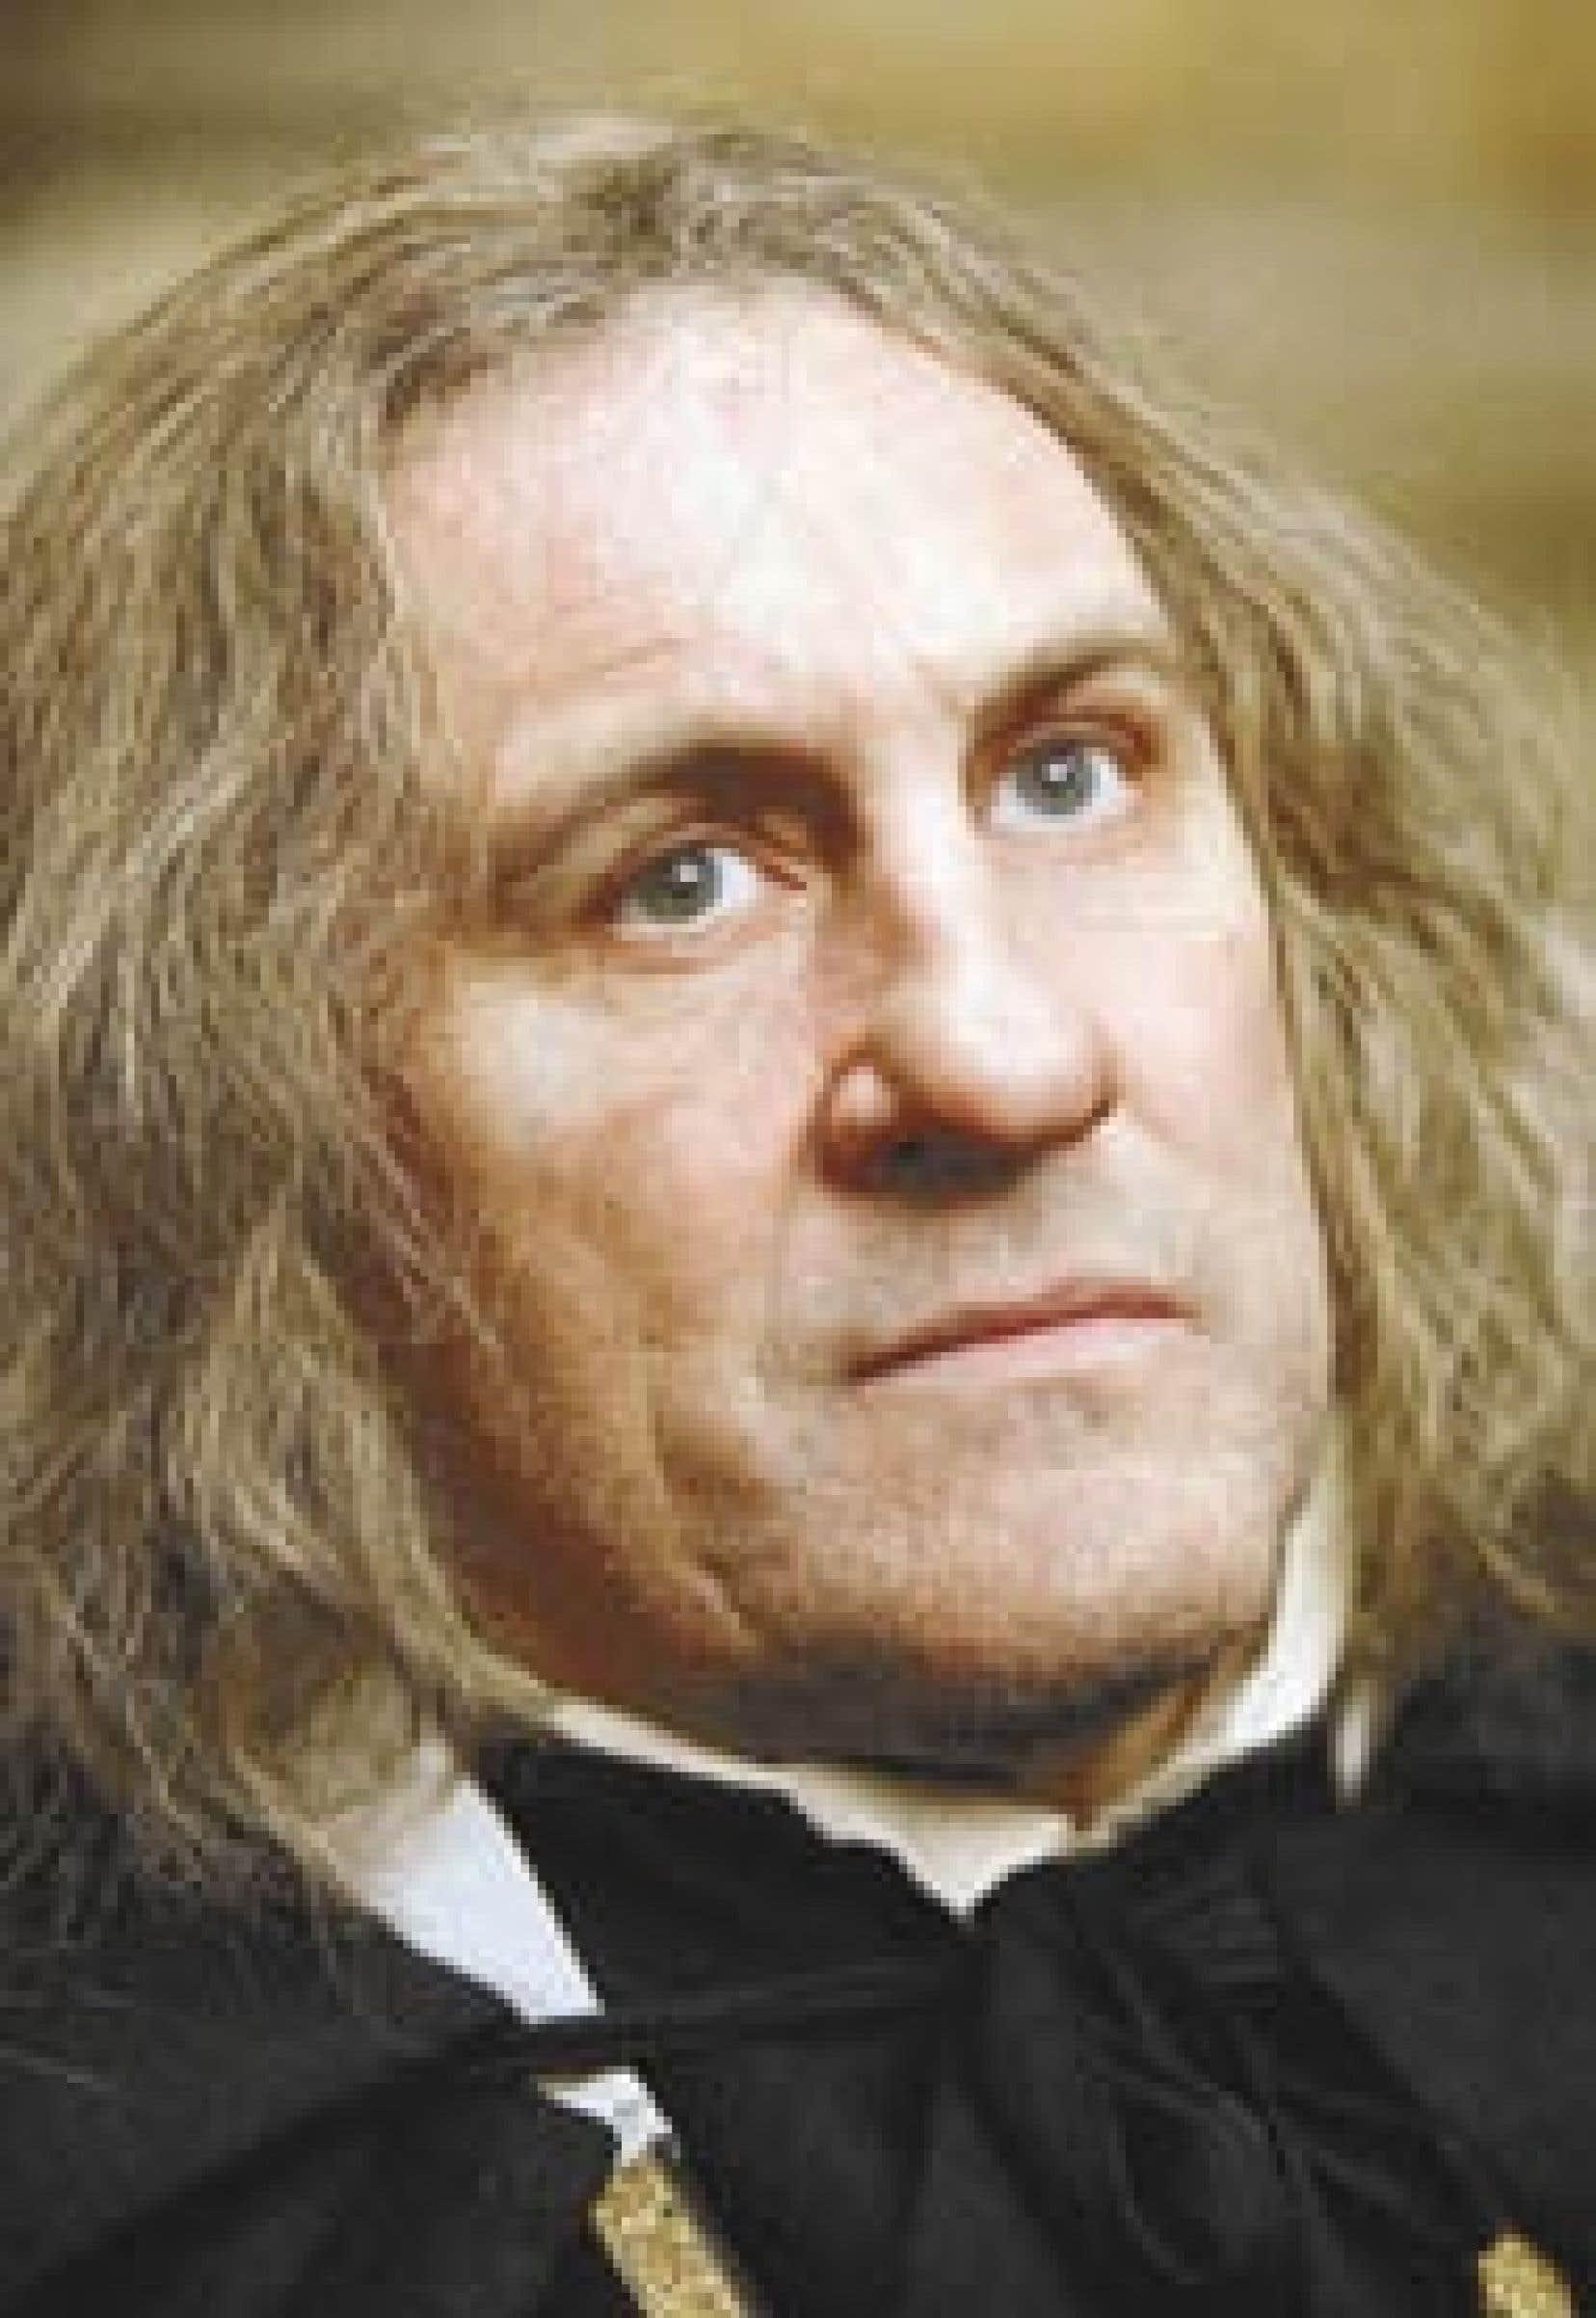 «Nouvelle-France m'a rappelé Le Retour de Martin Guerre où mon personnage était pendu en 1560, dit Gérard Depardieu. Elle m'a rappelé aussi Les Sorcières de Salem d'Arthur Miller. Là comme dans le film de Beaudin, des femmes étaient accus